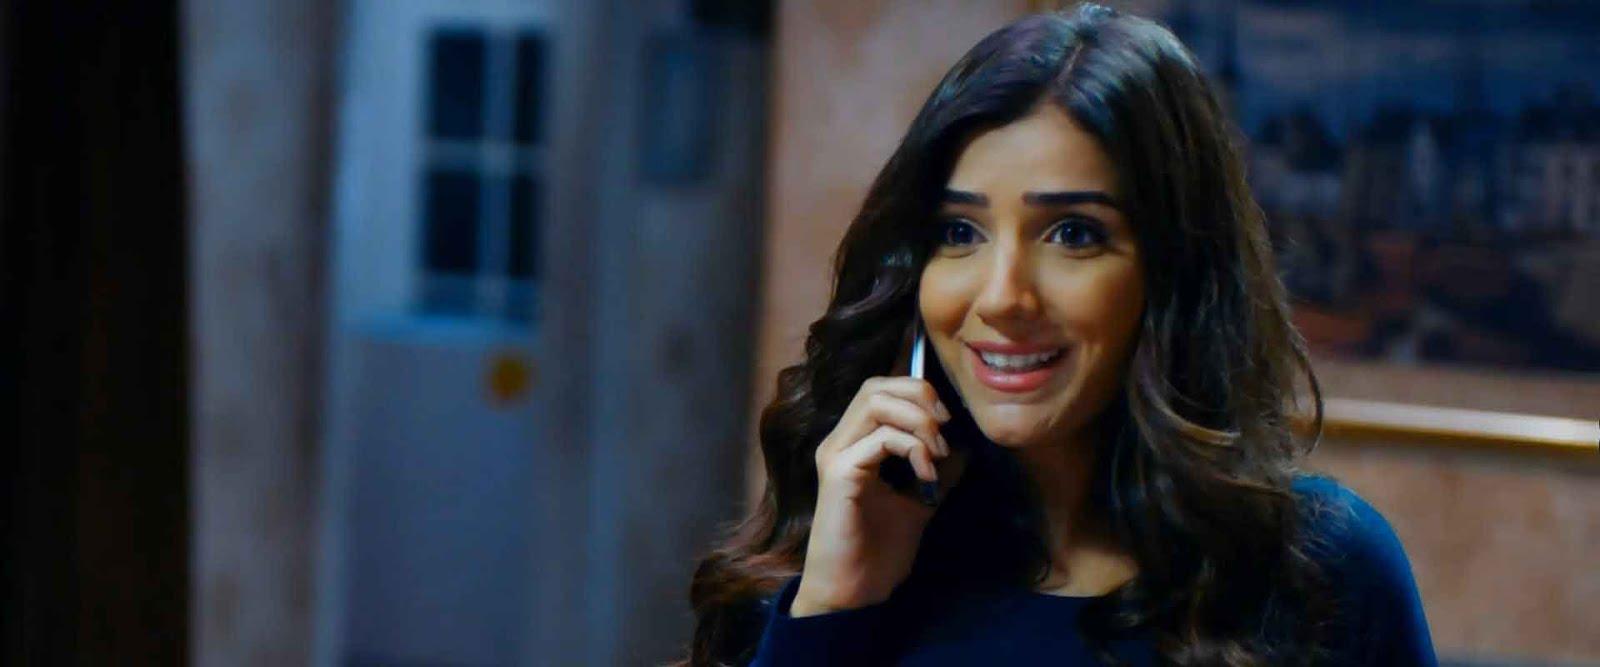 تحميل فيلم اخر ديك في مصر بجودة Hd بطولة محمد رمضان 2018 موقع